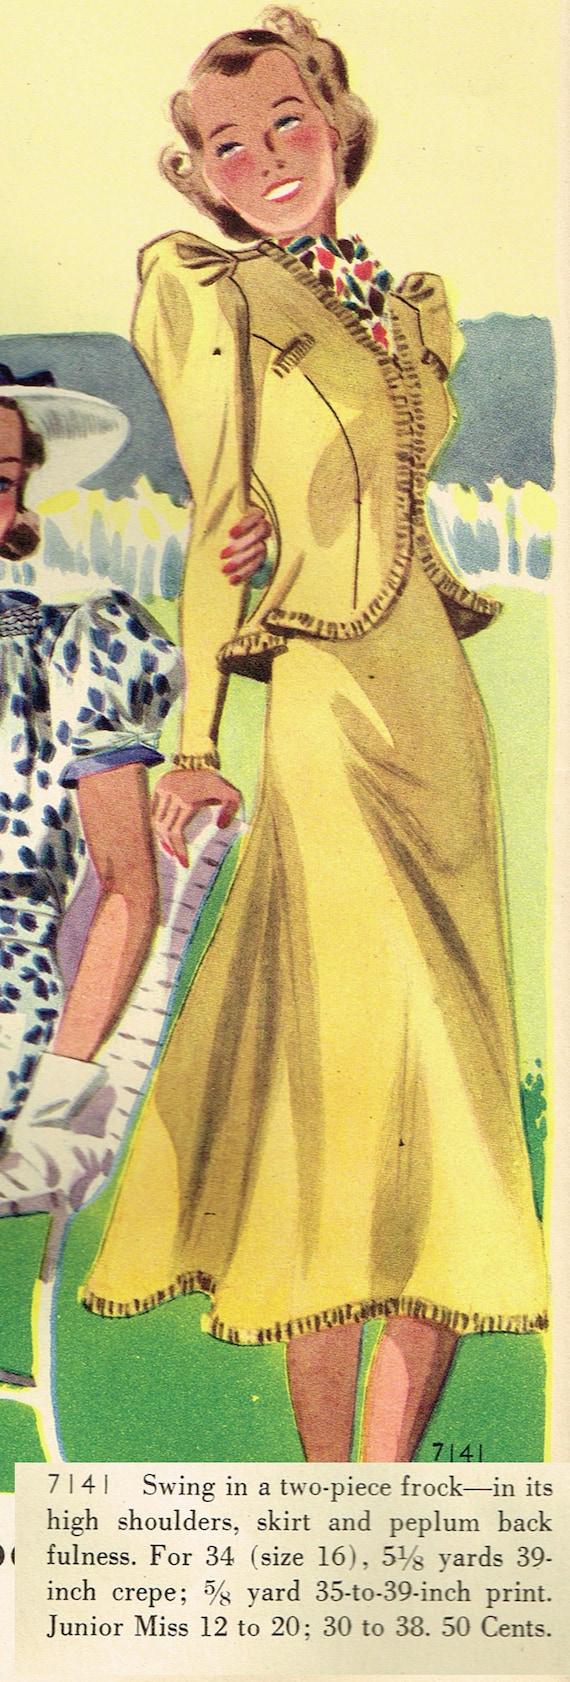 1930s Fashion Colors & Fabric 1930s Original Vintage Butterick Pattern 7141 Junior Misses 2 PC Dress Size 33 B1930s Original Vintage Butterick Pattern 7141 Junior Misses 2 PC Dress Size 33 B  AT vintagedancer.com